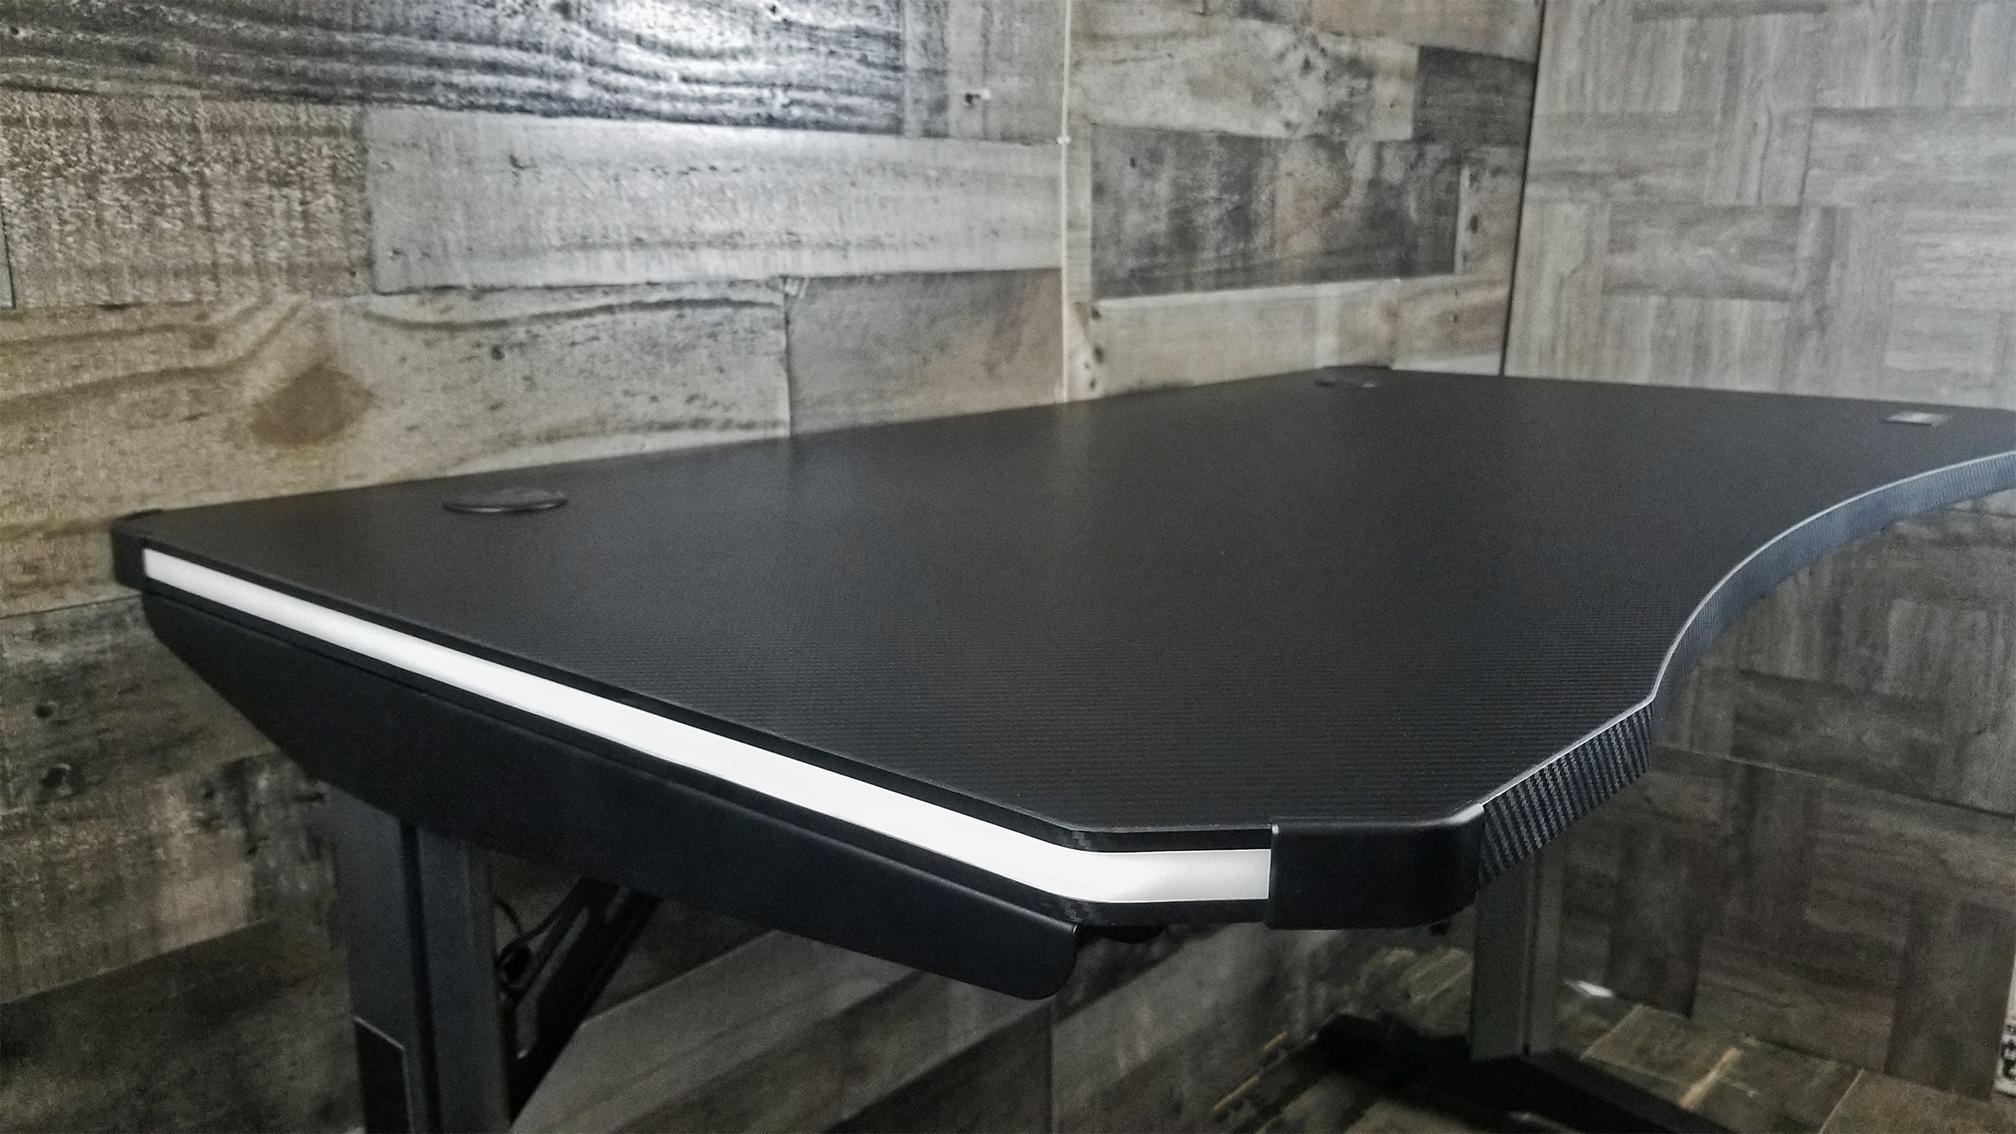 Desk, unlit